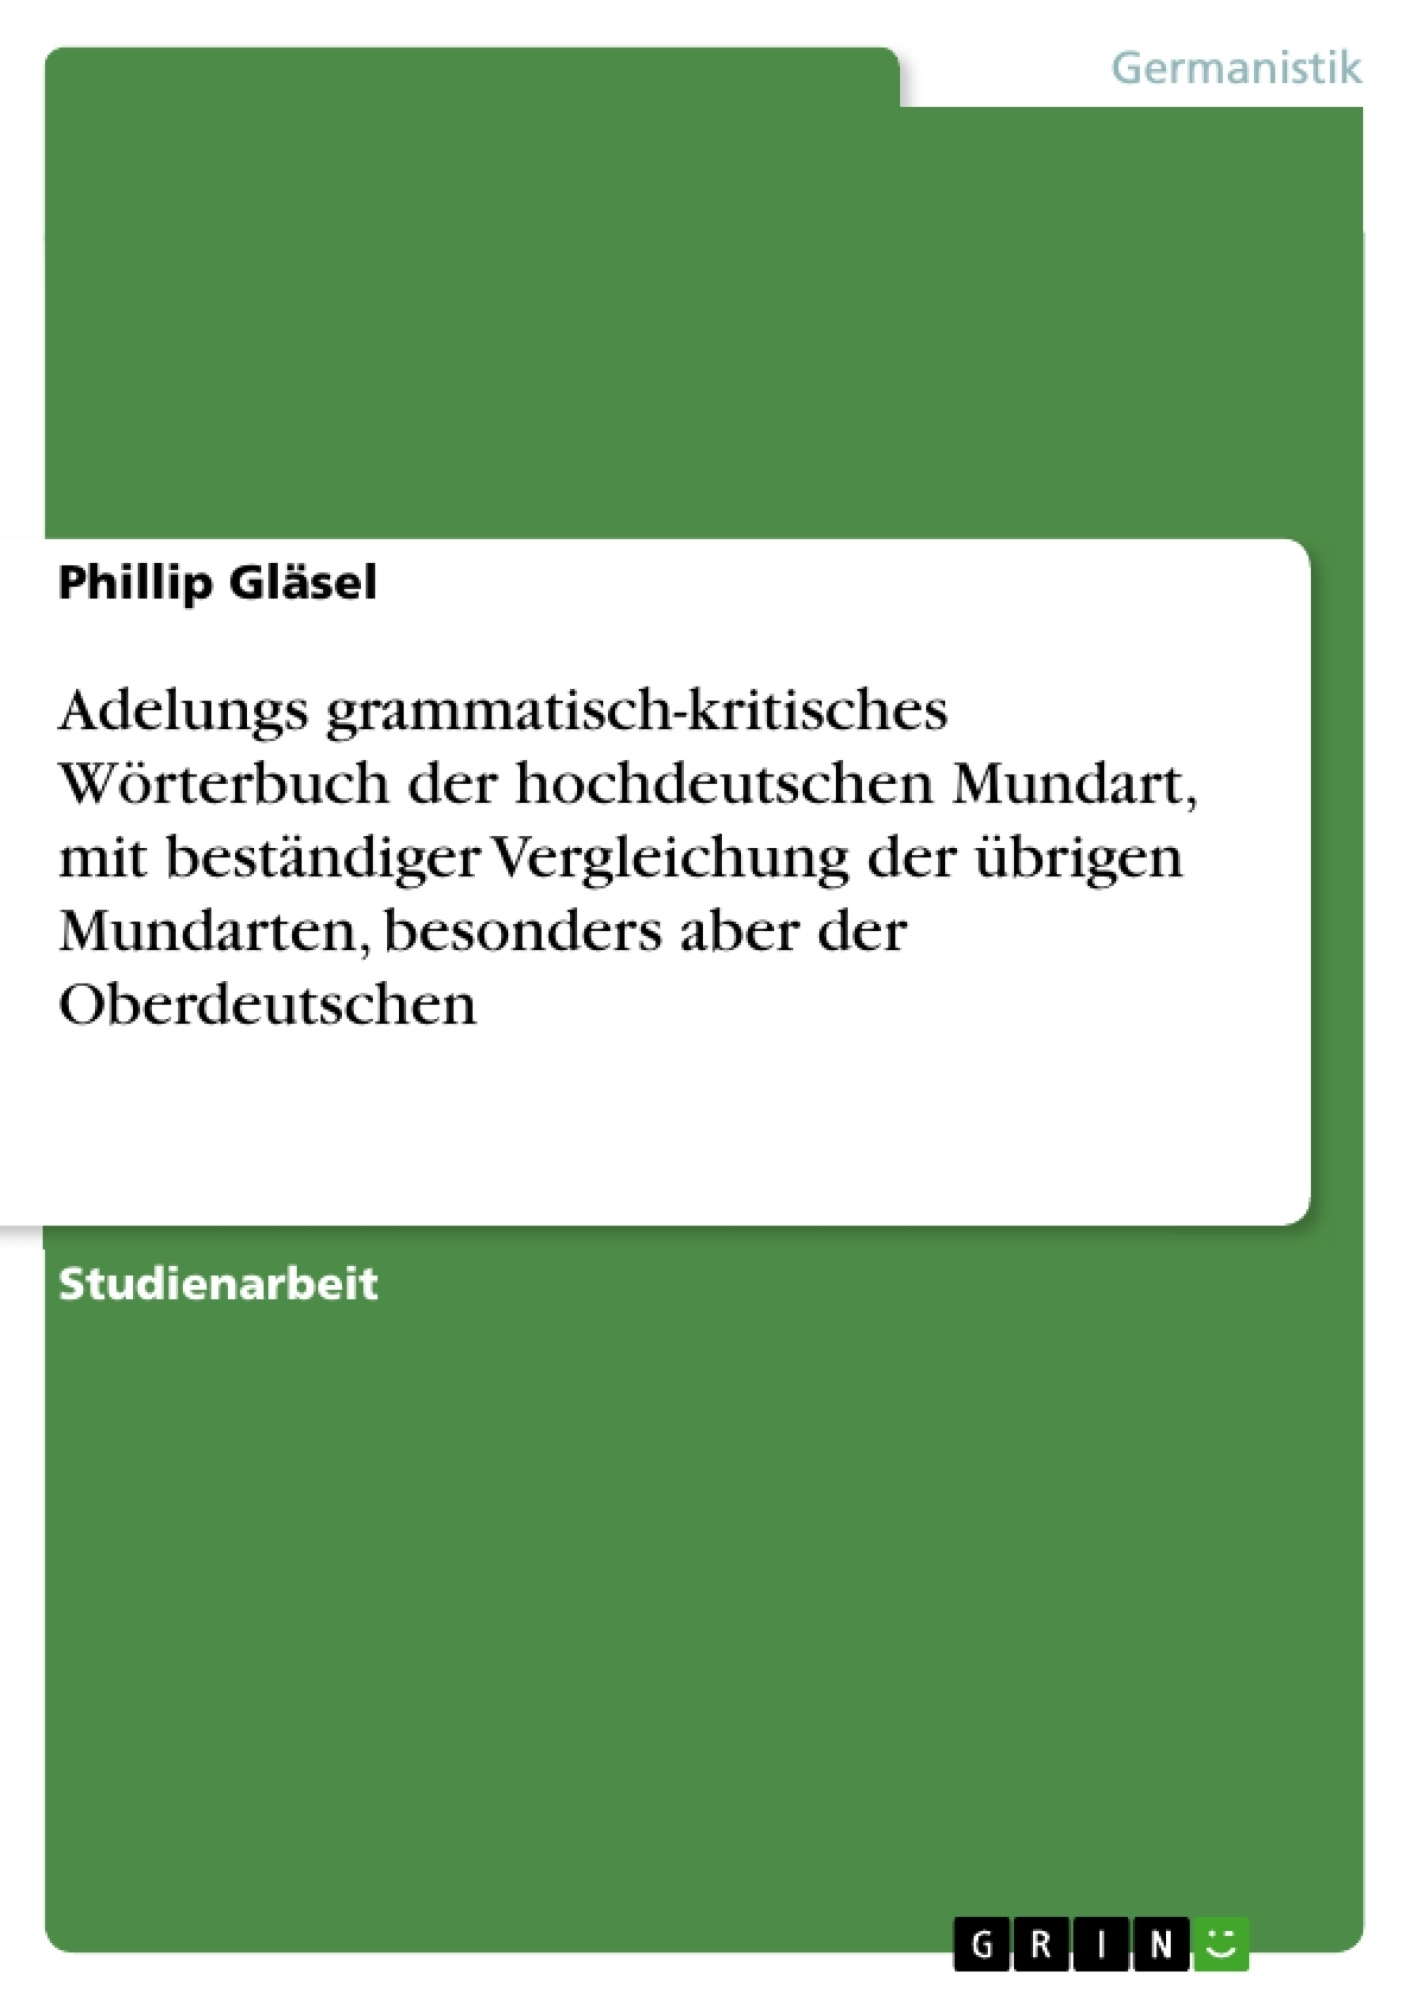 Titel: Adelungs grammatisch-kritisches Wörterbuch der hochdeutschen Mundart, mit beständiger Vergleichung der übrigen Mundarten, besonders aber der Oberdeutschen